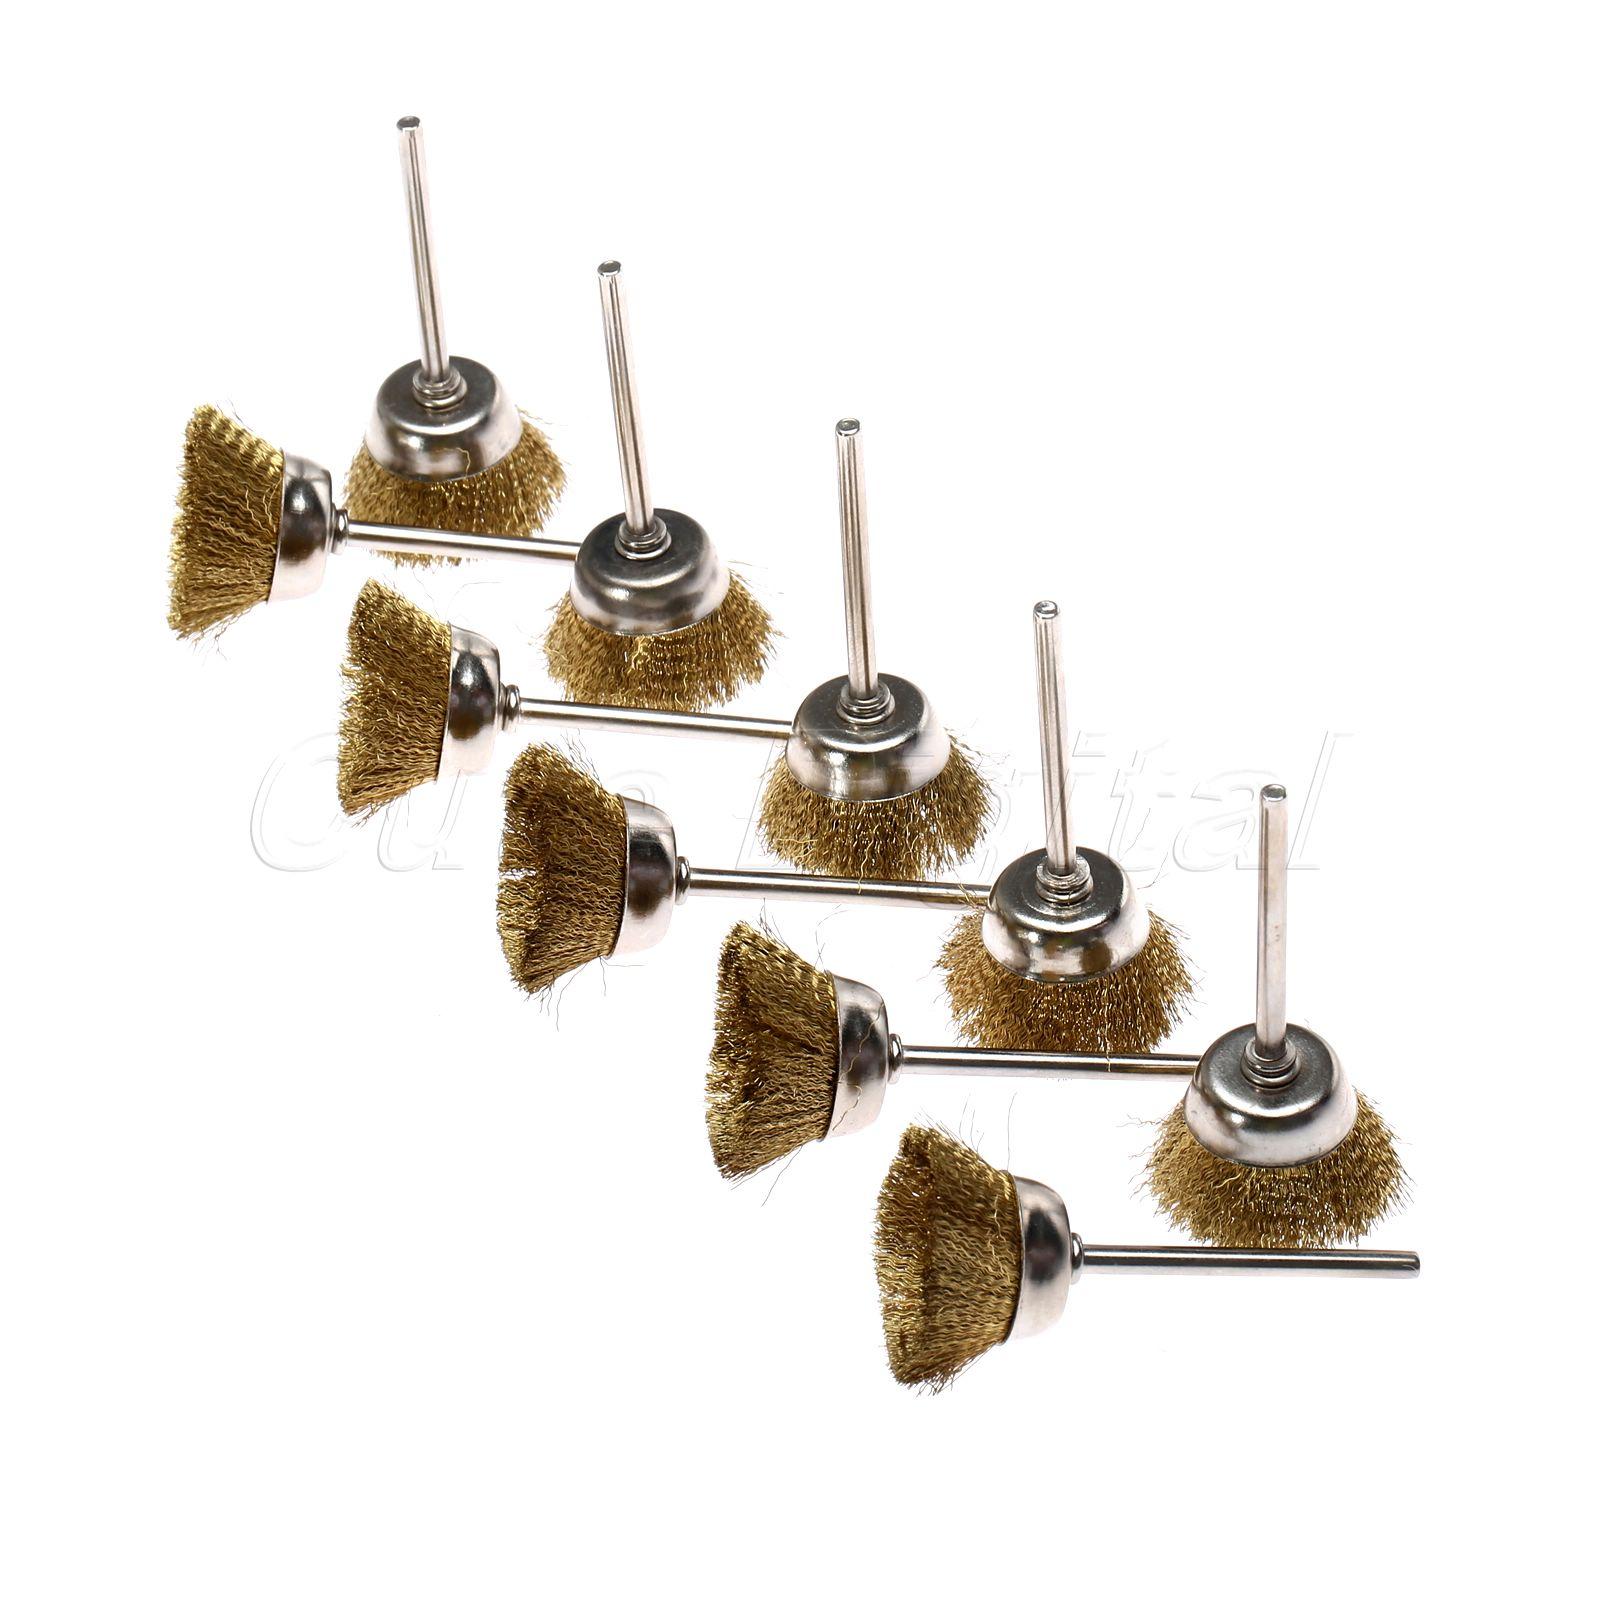 10 Piezas Accesorios Dremel 25mm Cepillo Rotativo Brochas De Rueda De Alambre De Latón Para Taladro Herramienta Rotativa Cepillo De Pulido Para Metal Limpieza De Polvo En Venta